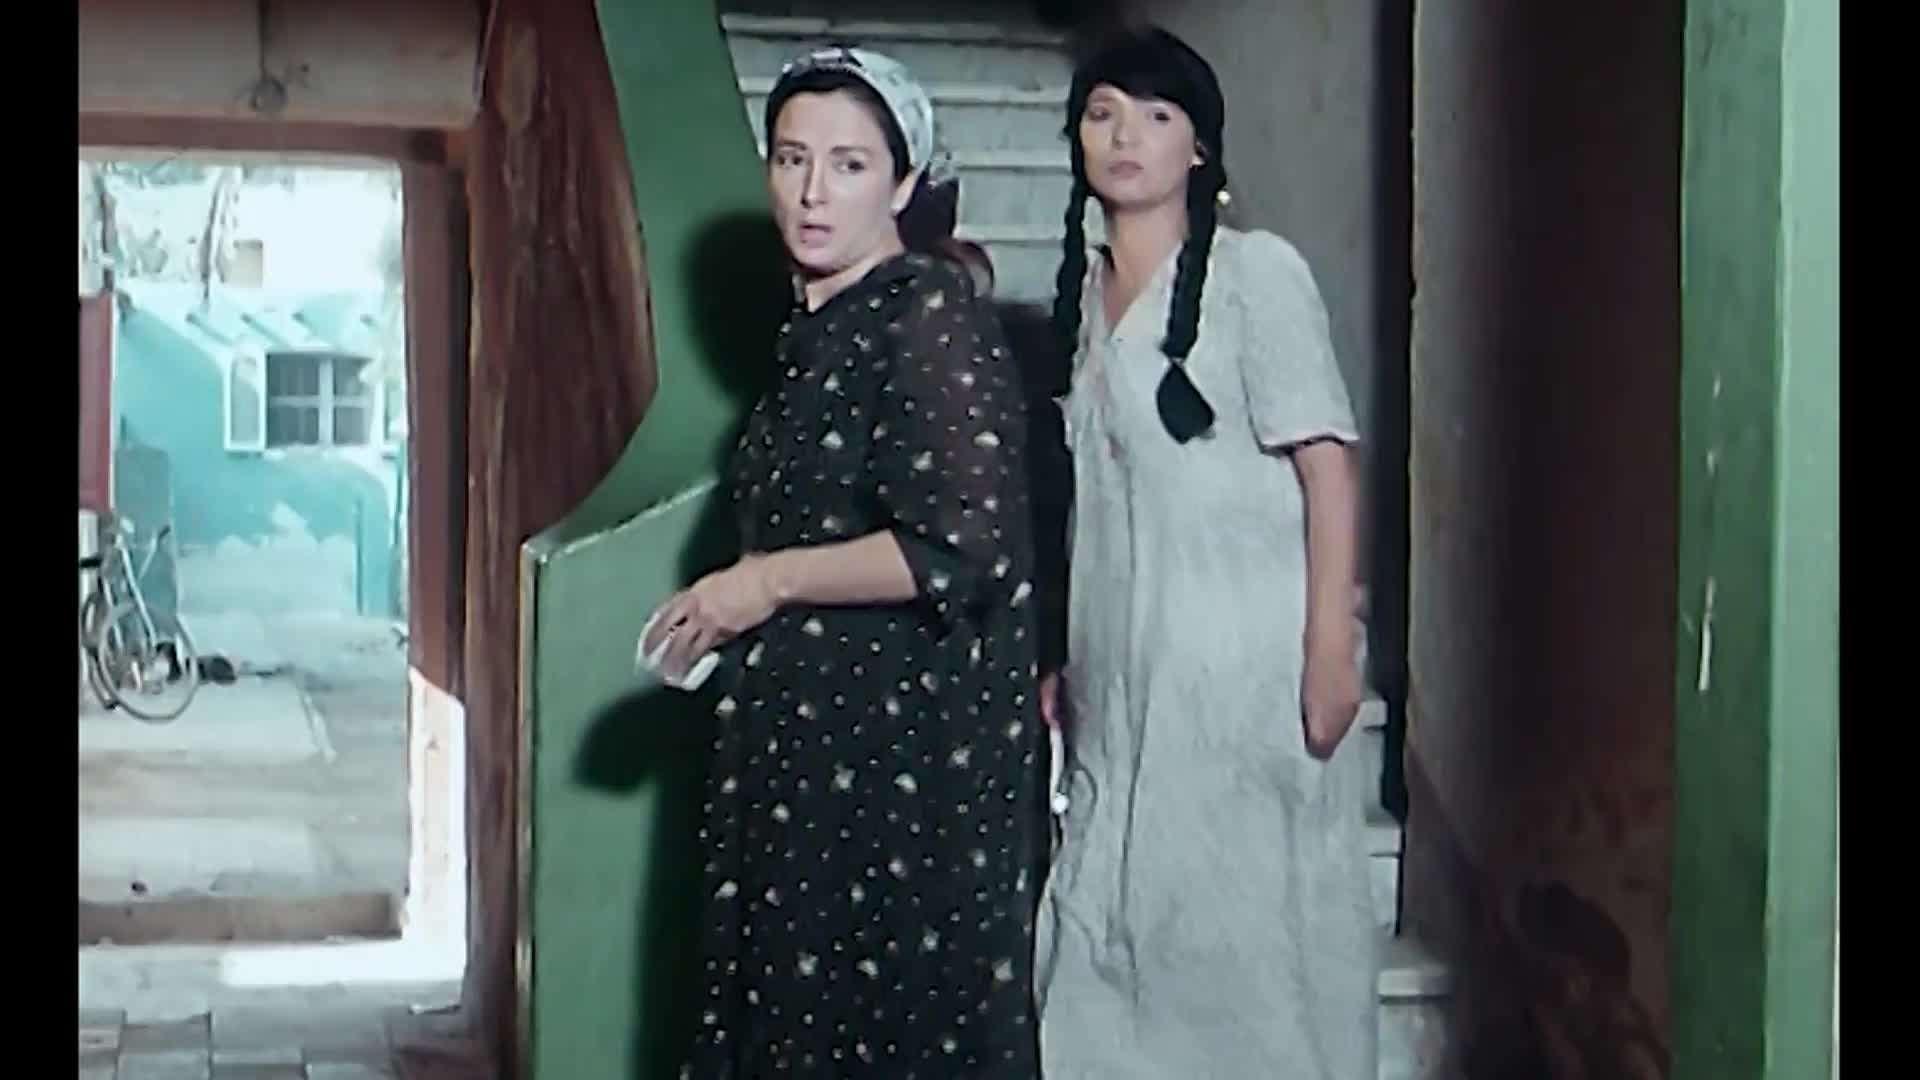 [فيلم][تورنت][تحميل][أحلام هند وكاميليا][1988][1080p][Web-DL] 6 arabp2p.com